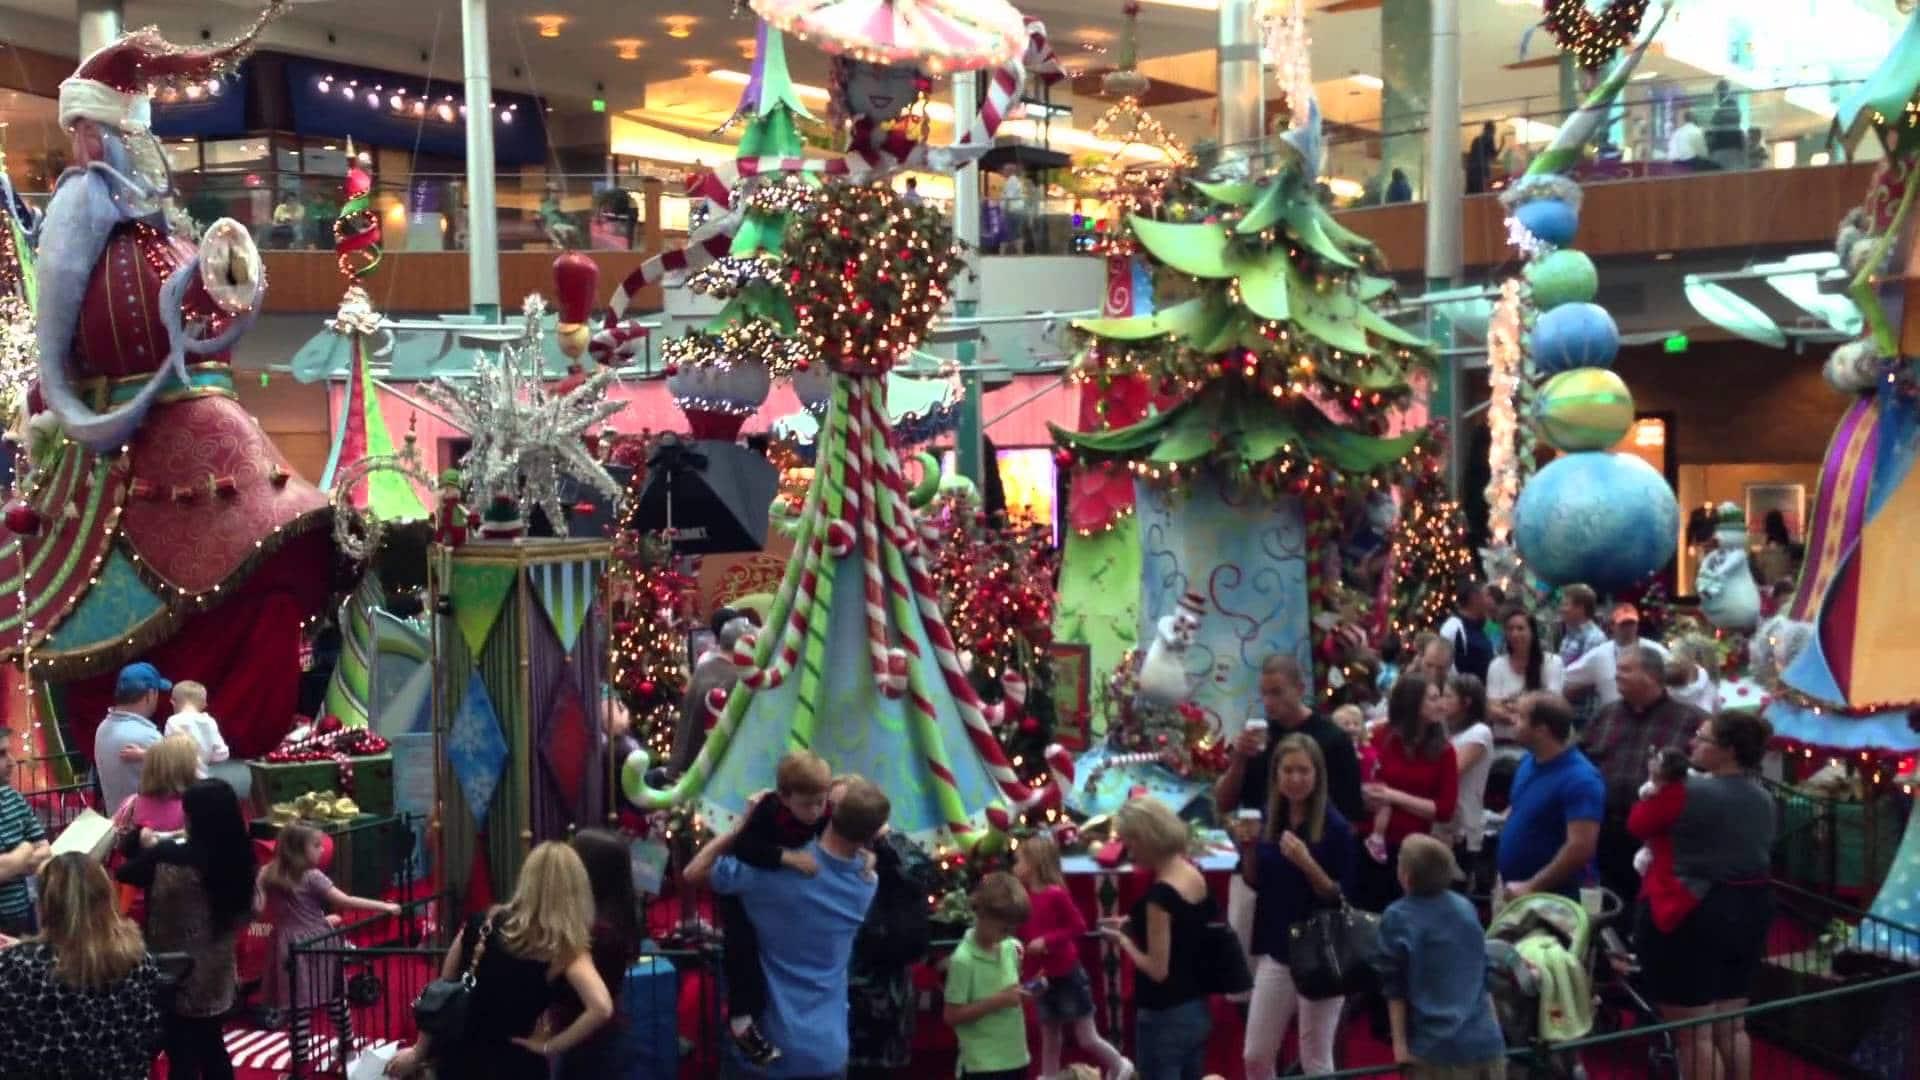 Grand centre commercial Millenia ( appelé Mall en anglais ) décoré à Noël